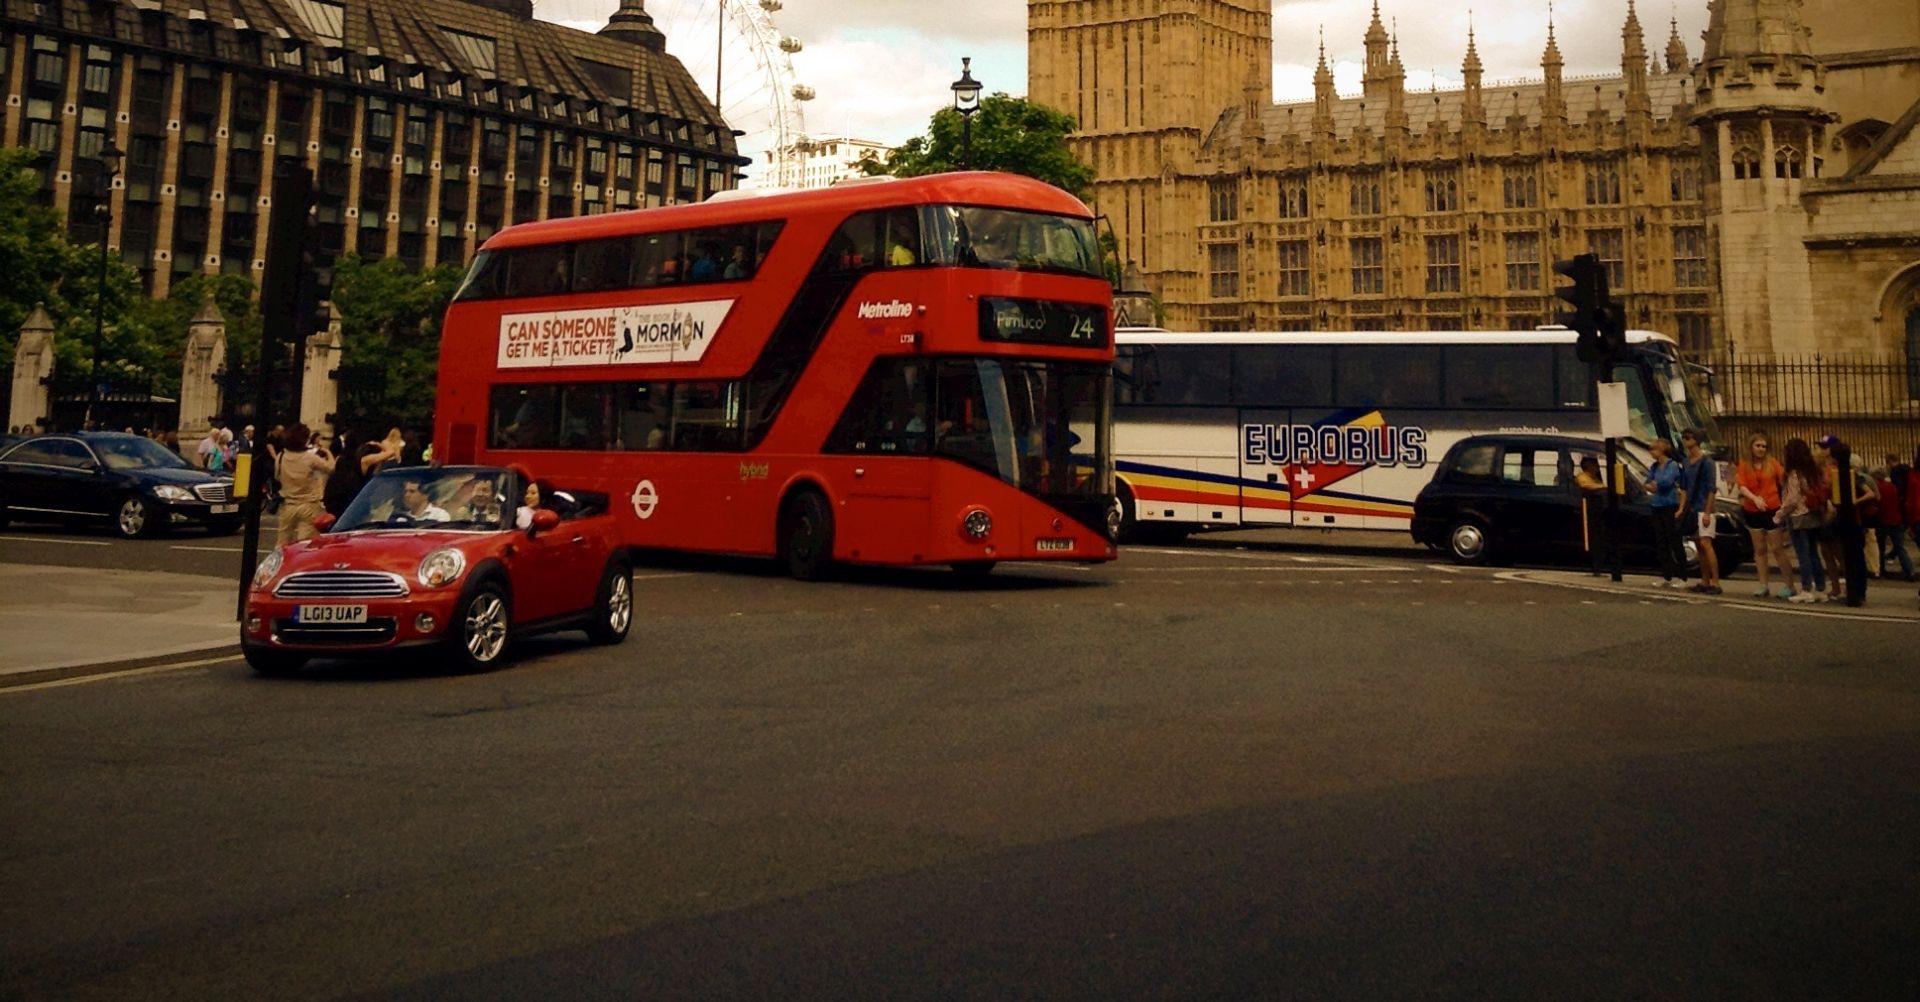 DOUBLEDECKER SE ZABIO U LONDONSKI MOST Pet osoba u bolnici, još 21 lakše ozlijeđena